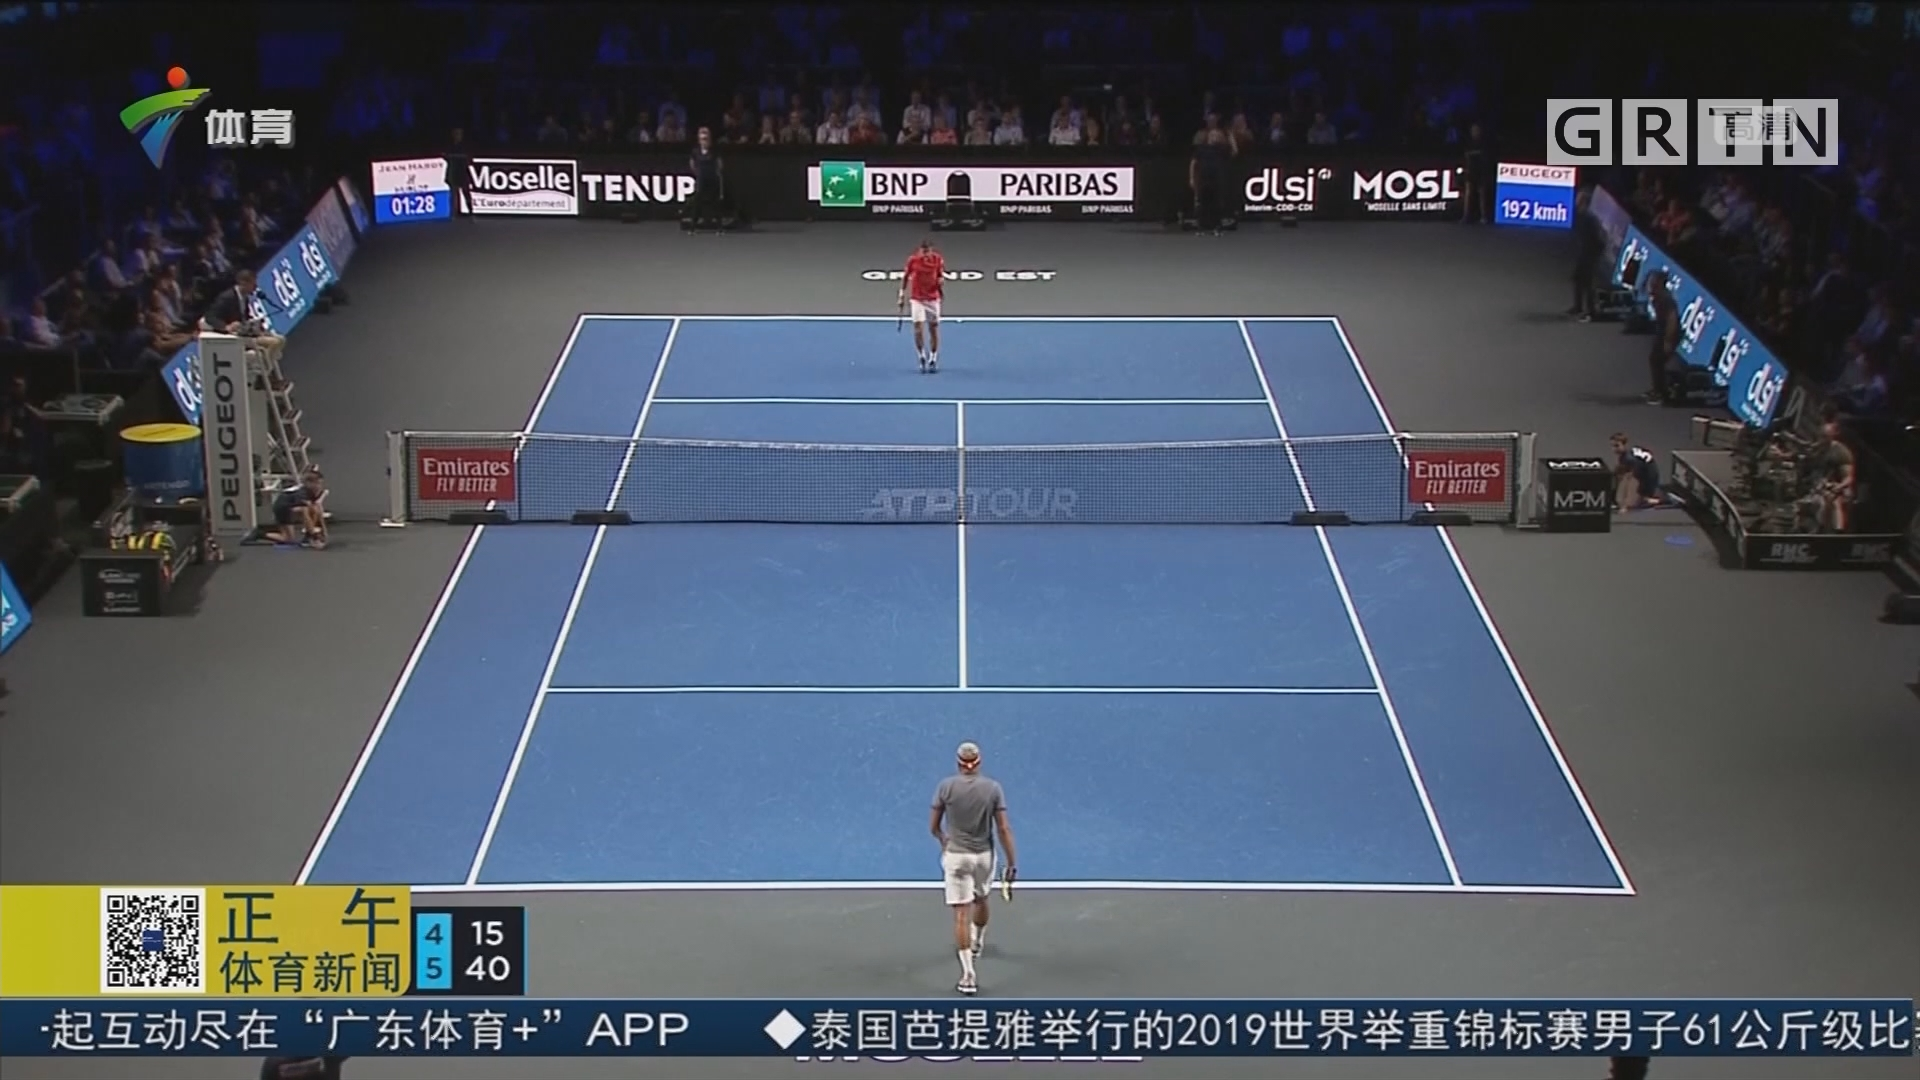 特松加晋级ATP摩泽尔公开赛八强